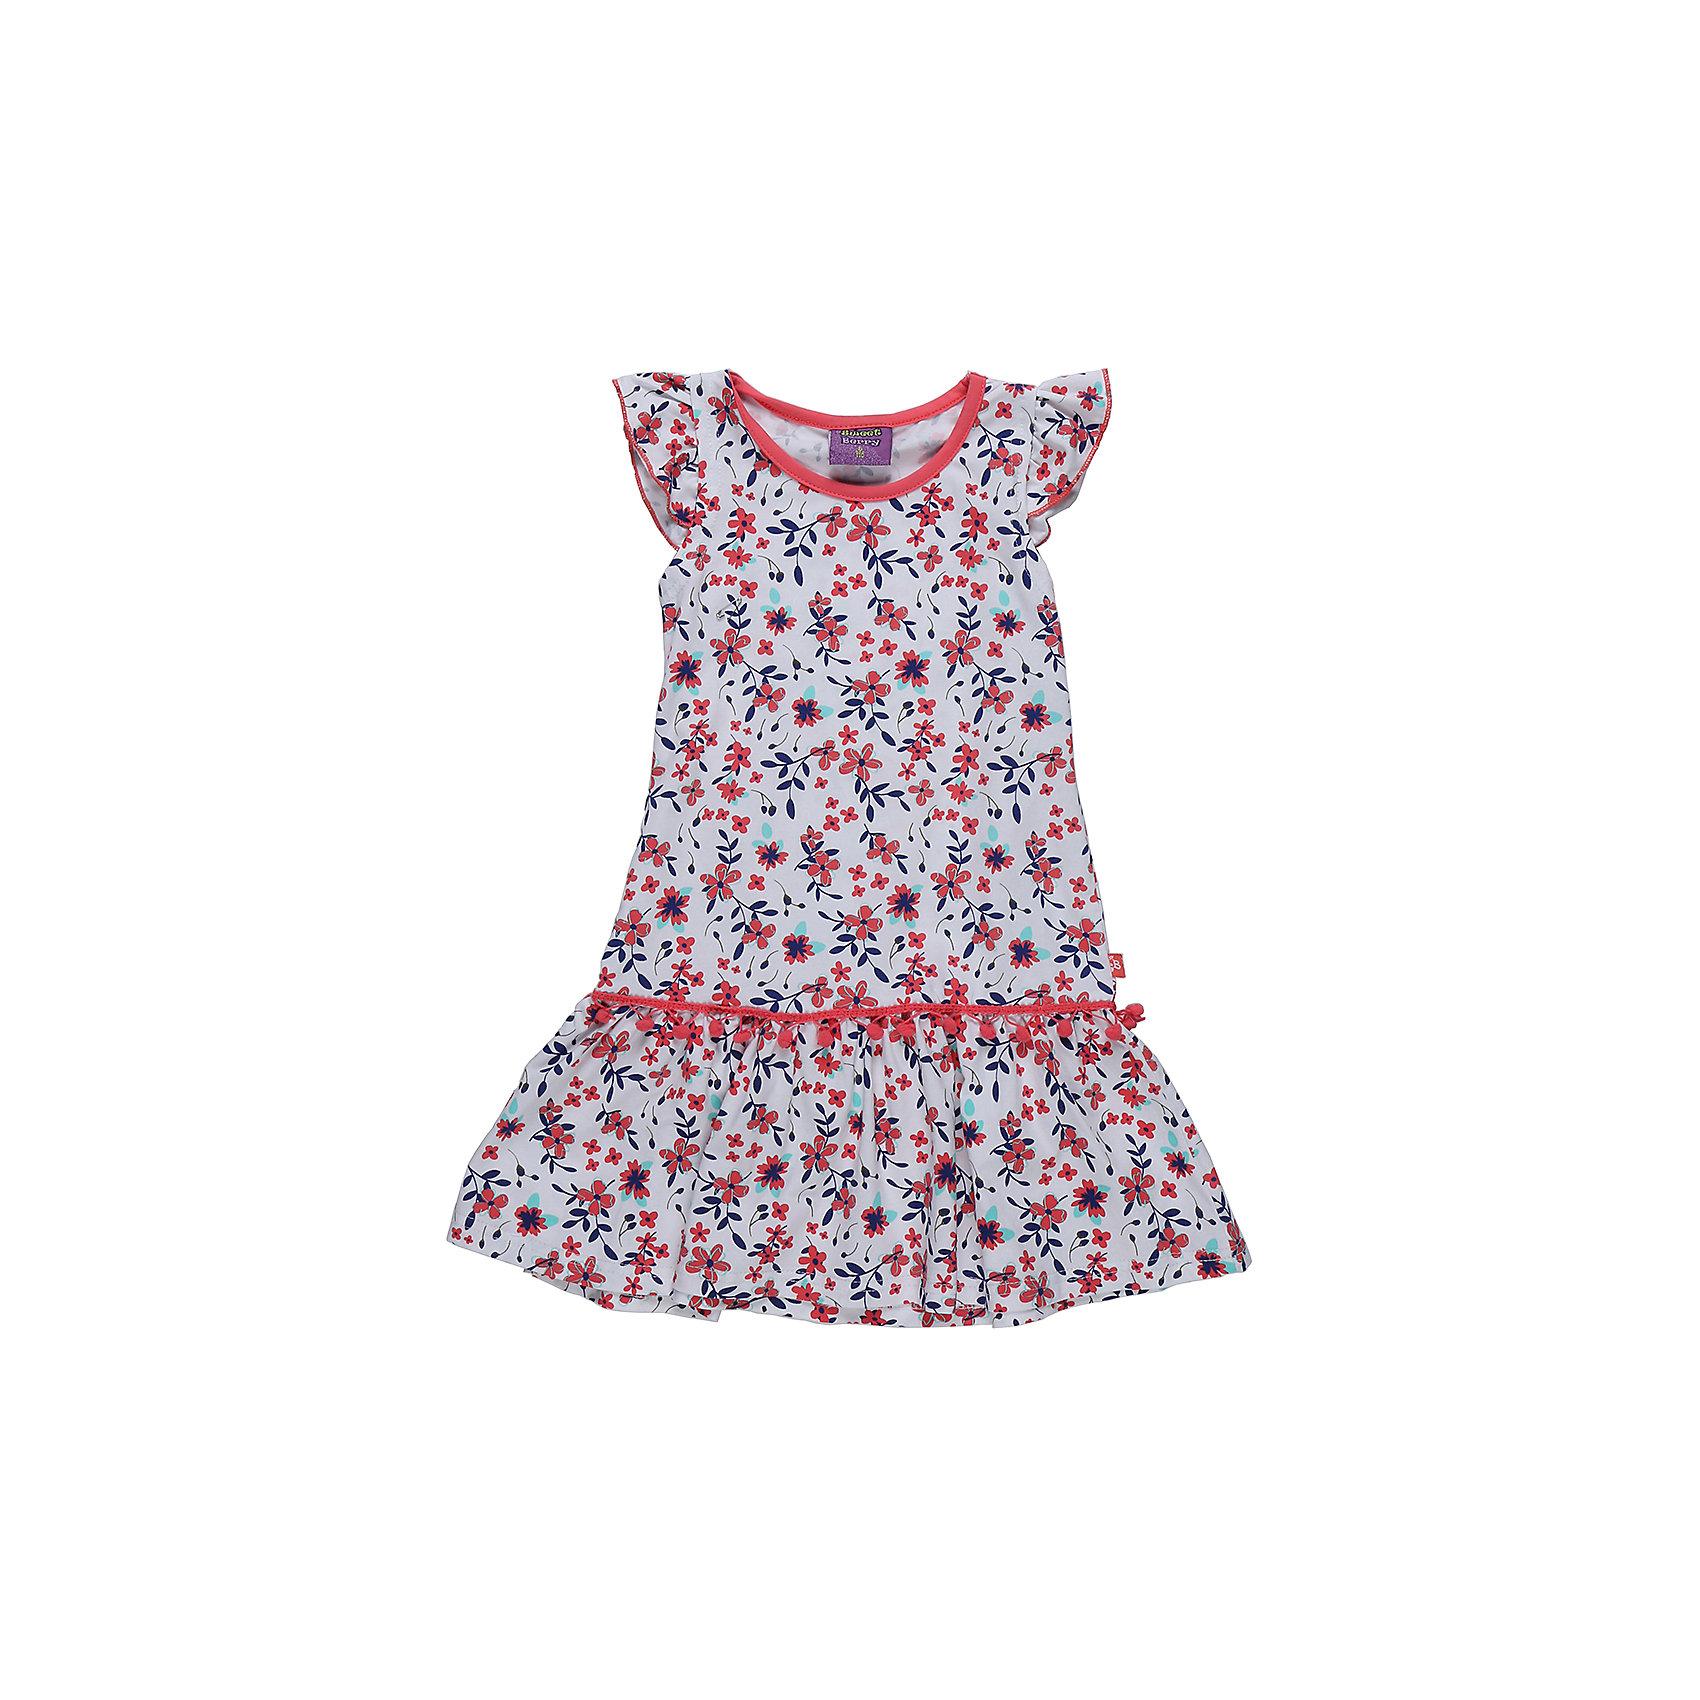 Платье для девочки Sweet BerryПлатья и сарафаны<br>Платье из трикотажной принтованной ткани. Рукава-крылышки. Горловина выполнена из контрастной ткани.<br>Состав:<br>95%хлопок 5%эластан<br><br>Ширина мм: 236<br>Глубина мм: 16<br>Высота мм: 184<br>Вес г: 177<br>Цвет: разноцветный<br>Возраст от месяцев: 36<br>Возраст до месяцев: 48<br>Пол: Женский<br>Возраст: Детский<br>Размер: 104,98,110,116,122,128<br>SKU: 5412212